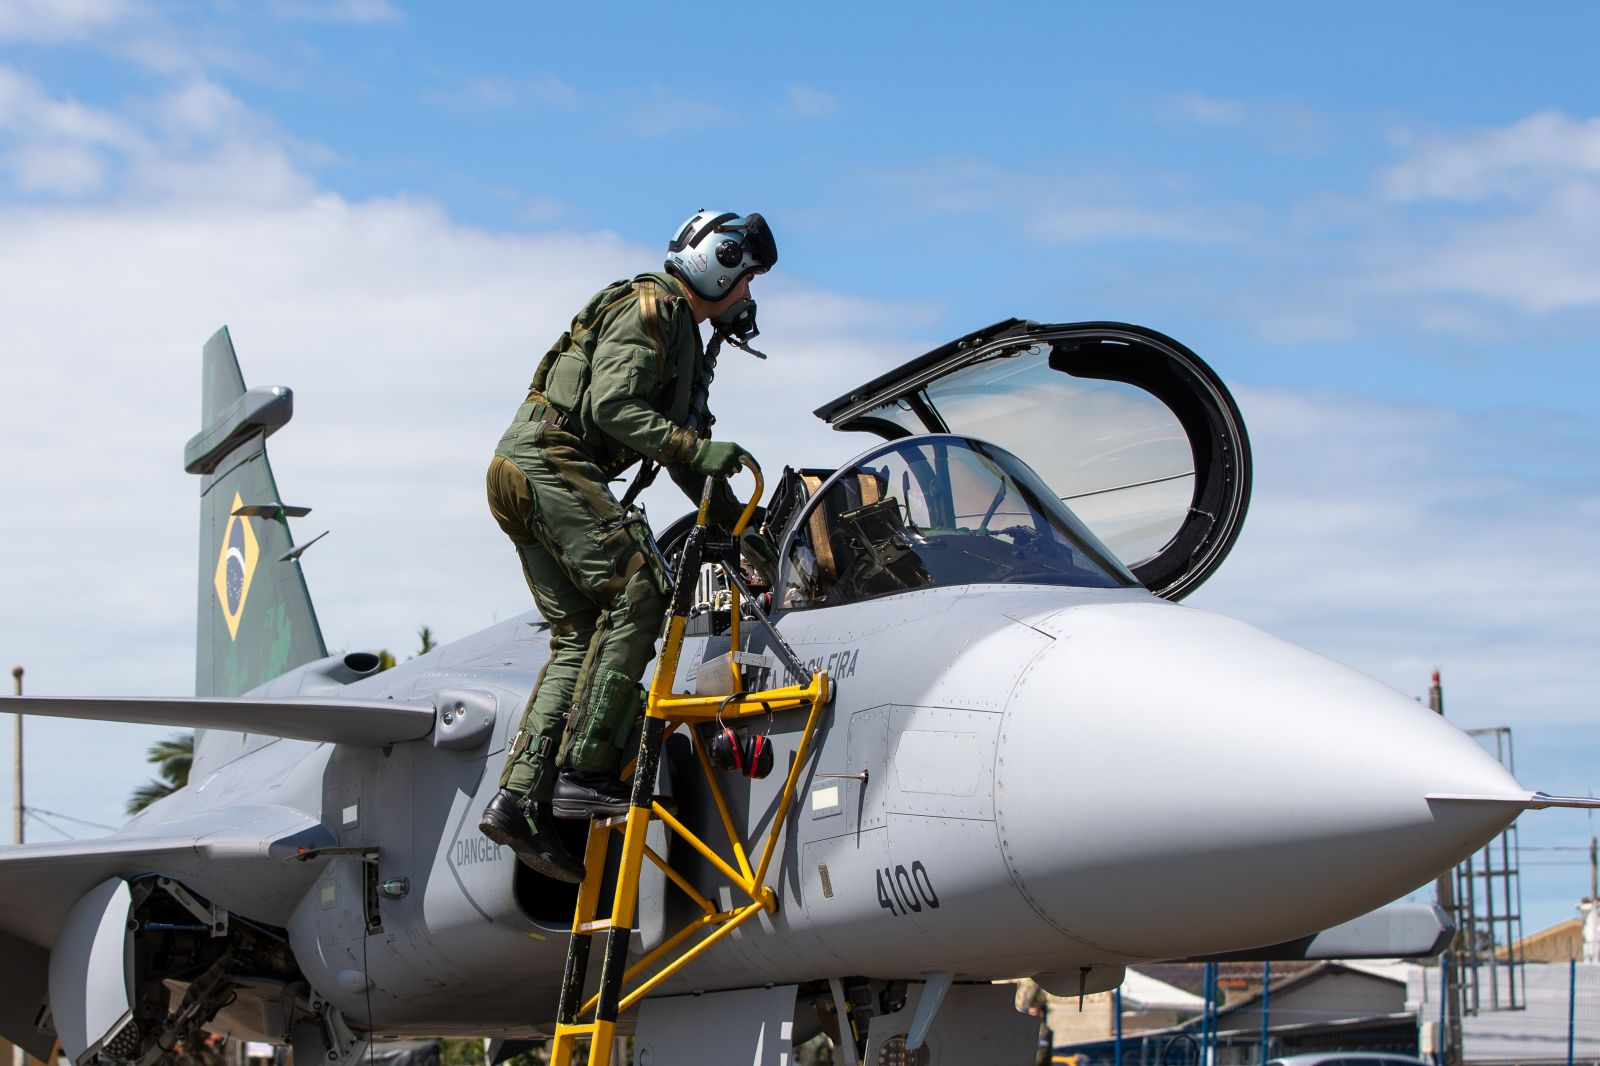 Първият сериен бразилски Gripen Е летя в Бразилия (ОГРОМНА ЕКСКЛУЗИВНА ГАЛЕРИЯ)